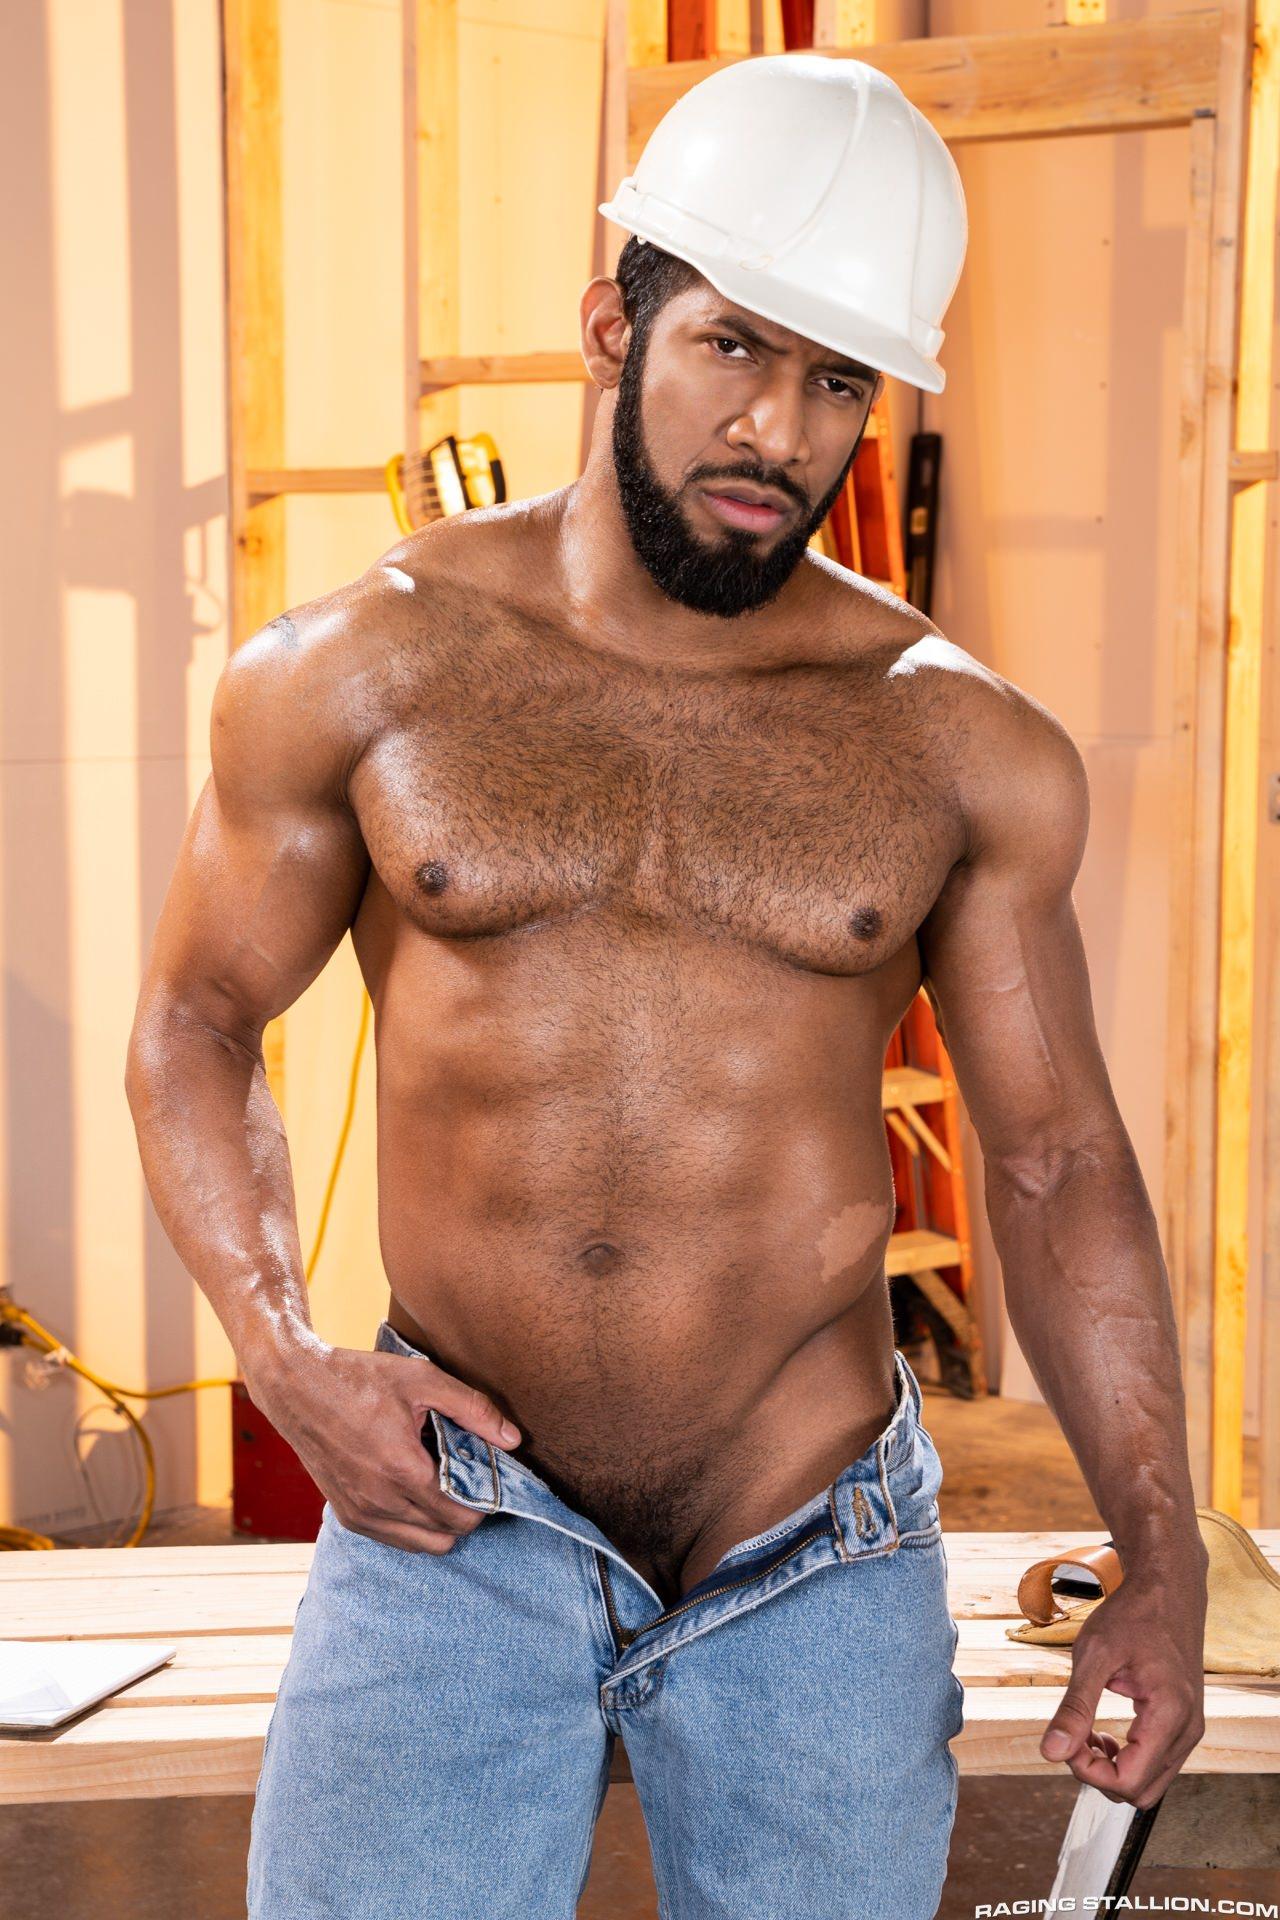 Jay Landford raw fuck Derek Bolt gay hot daddy dude men porn bear Raw Construction